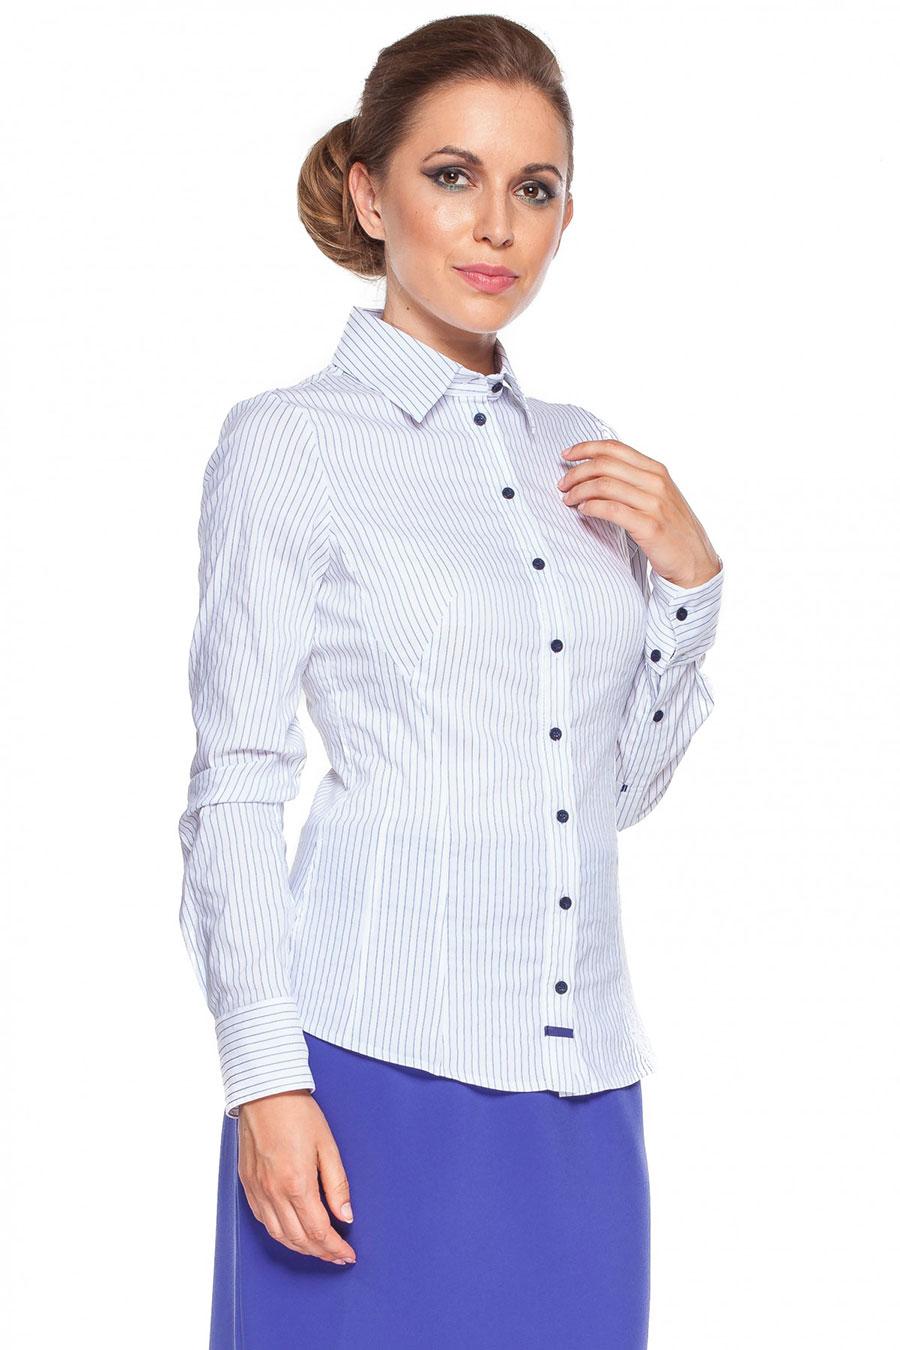 Блузки Купить Рязань